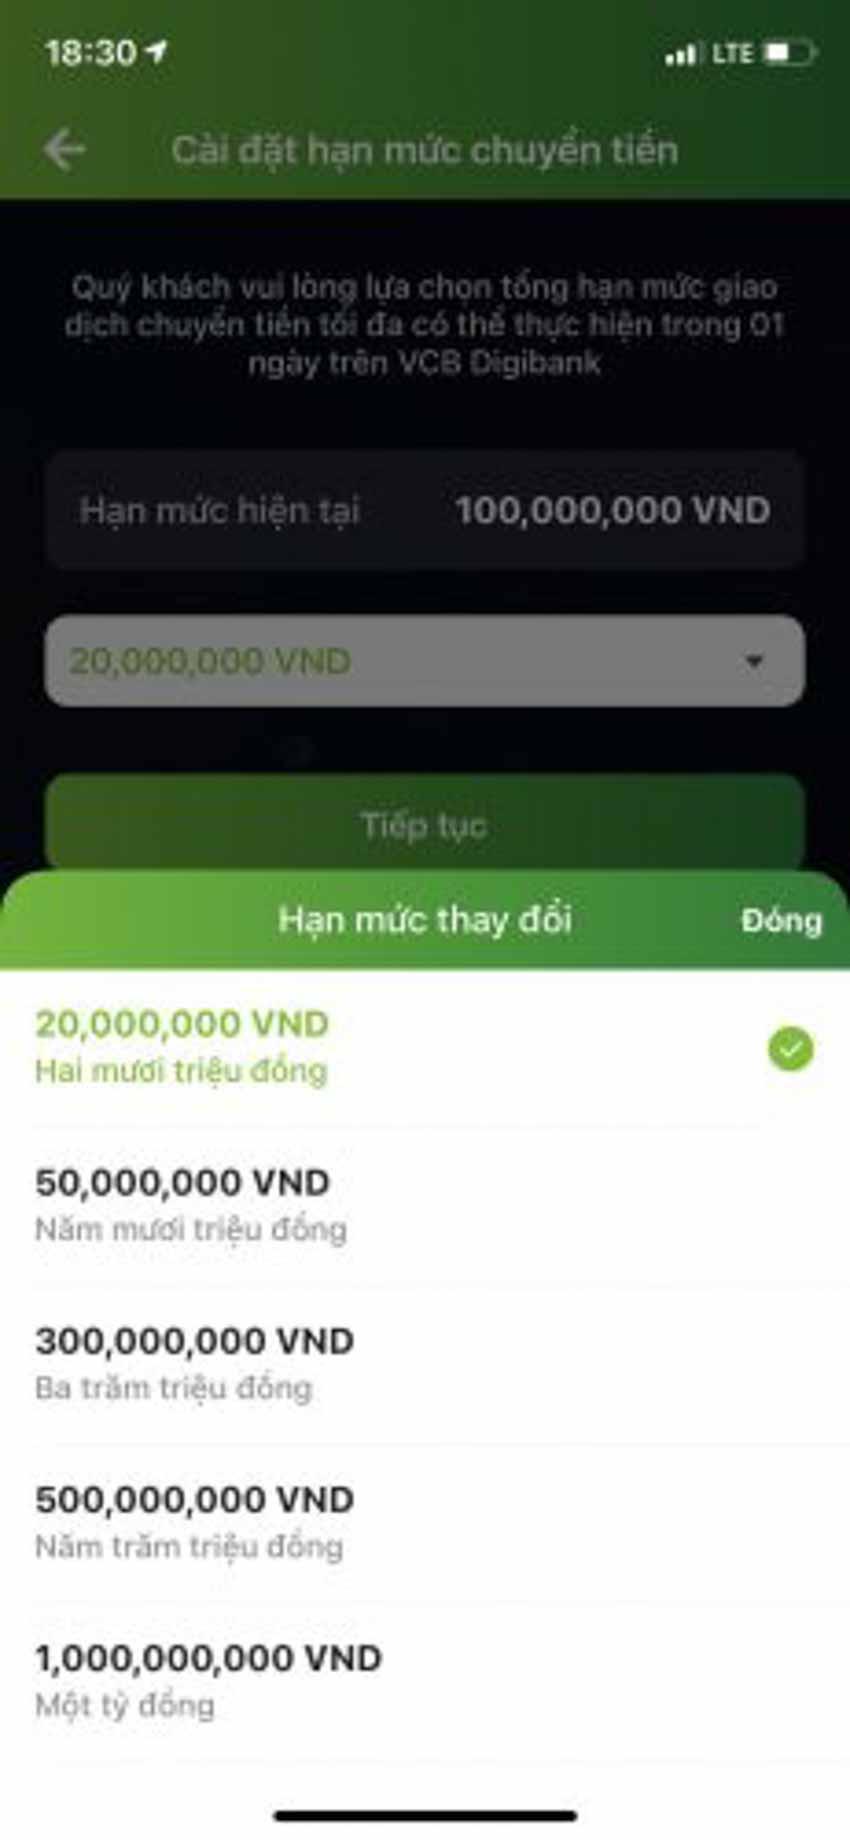 Hướng dẫn cách đổi hạn mức chuyển tiền Vietcombank - 4